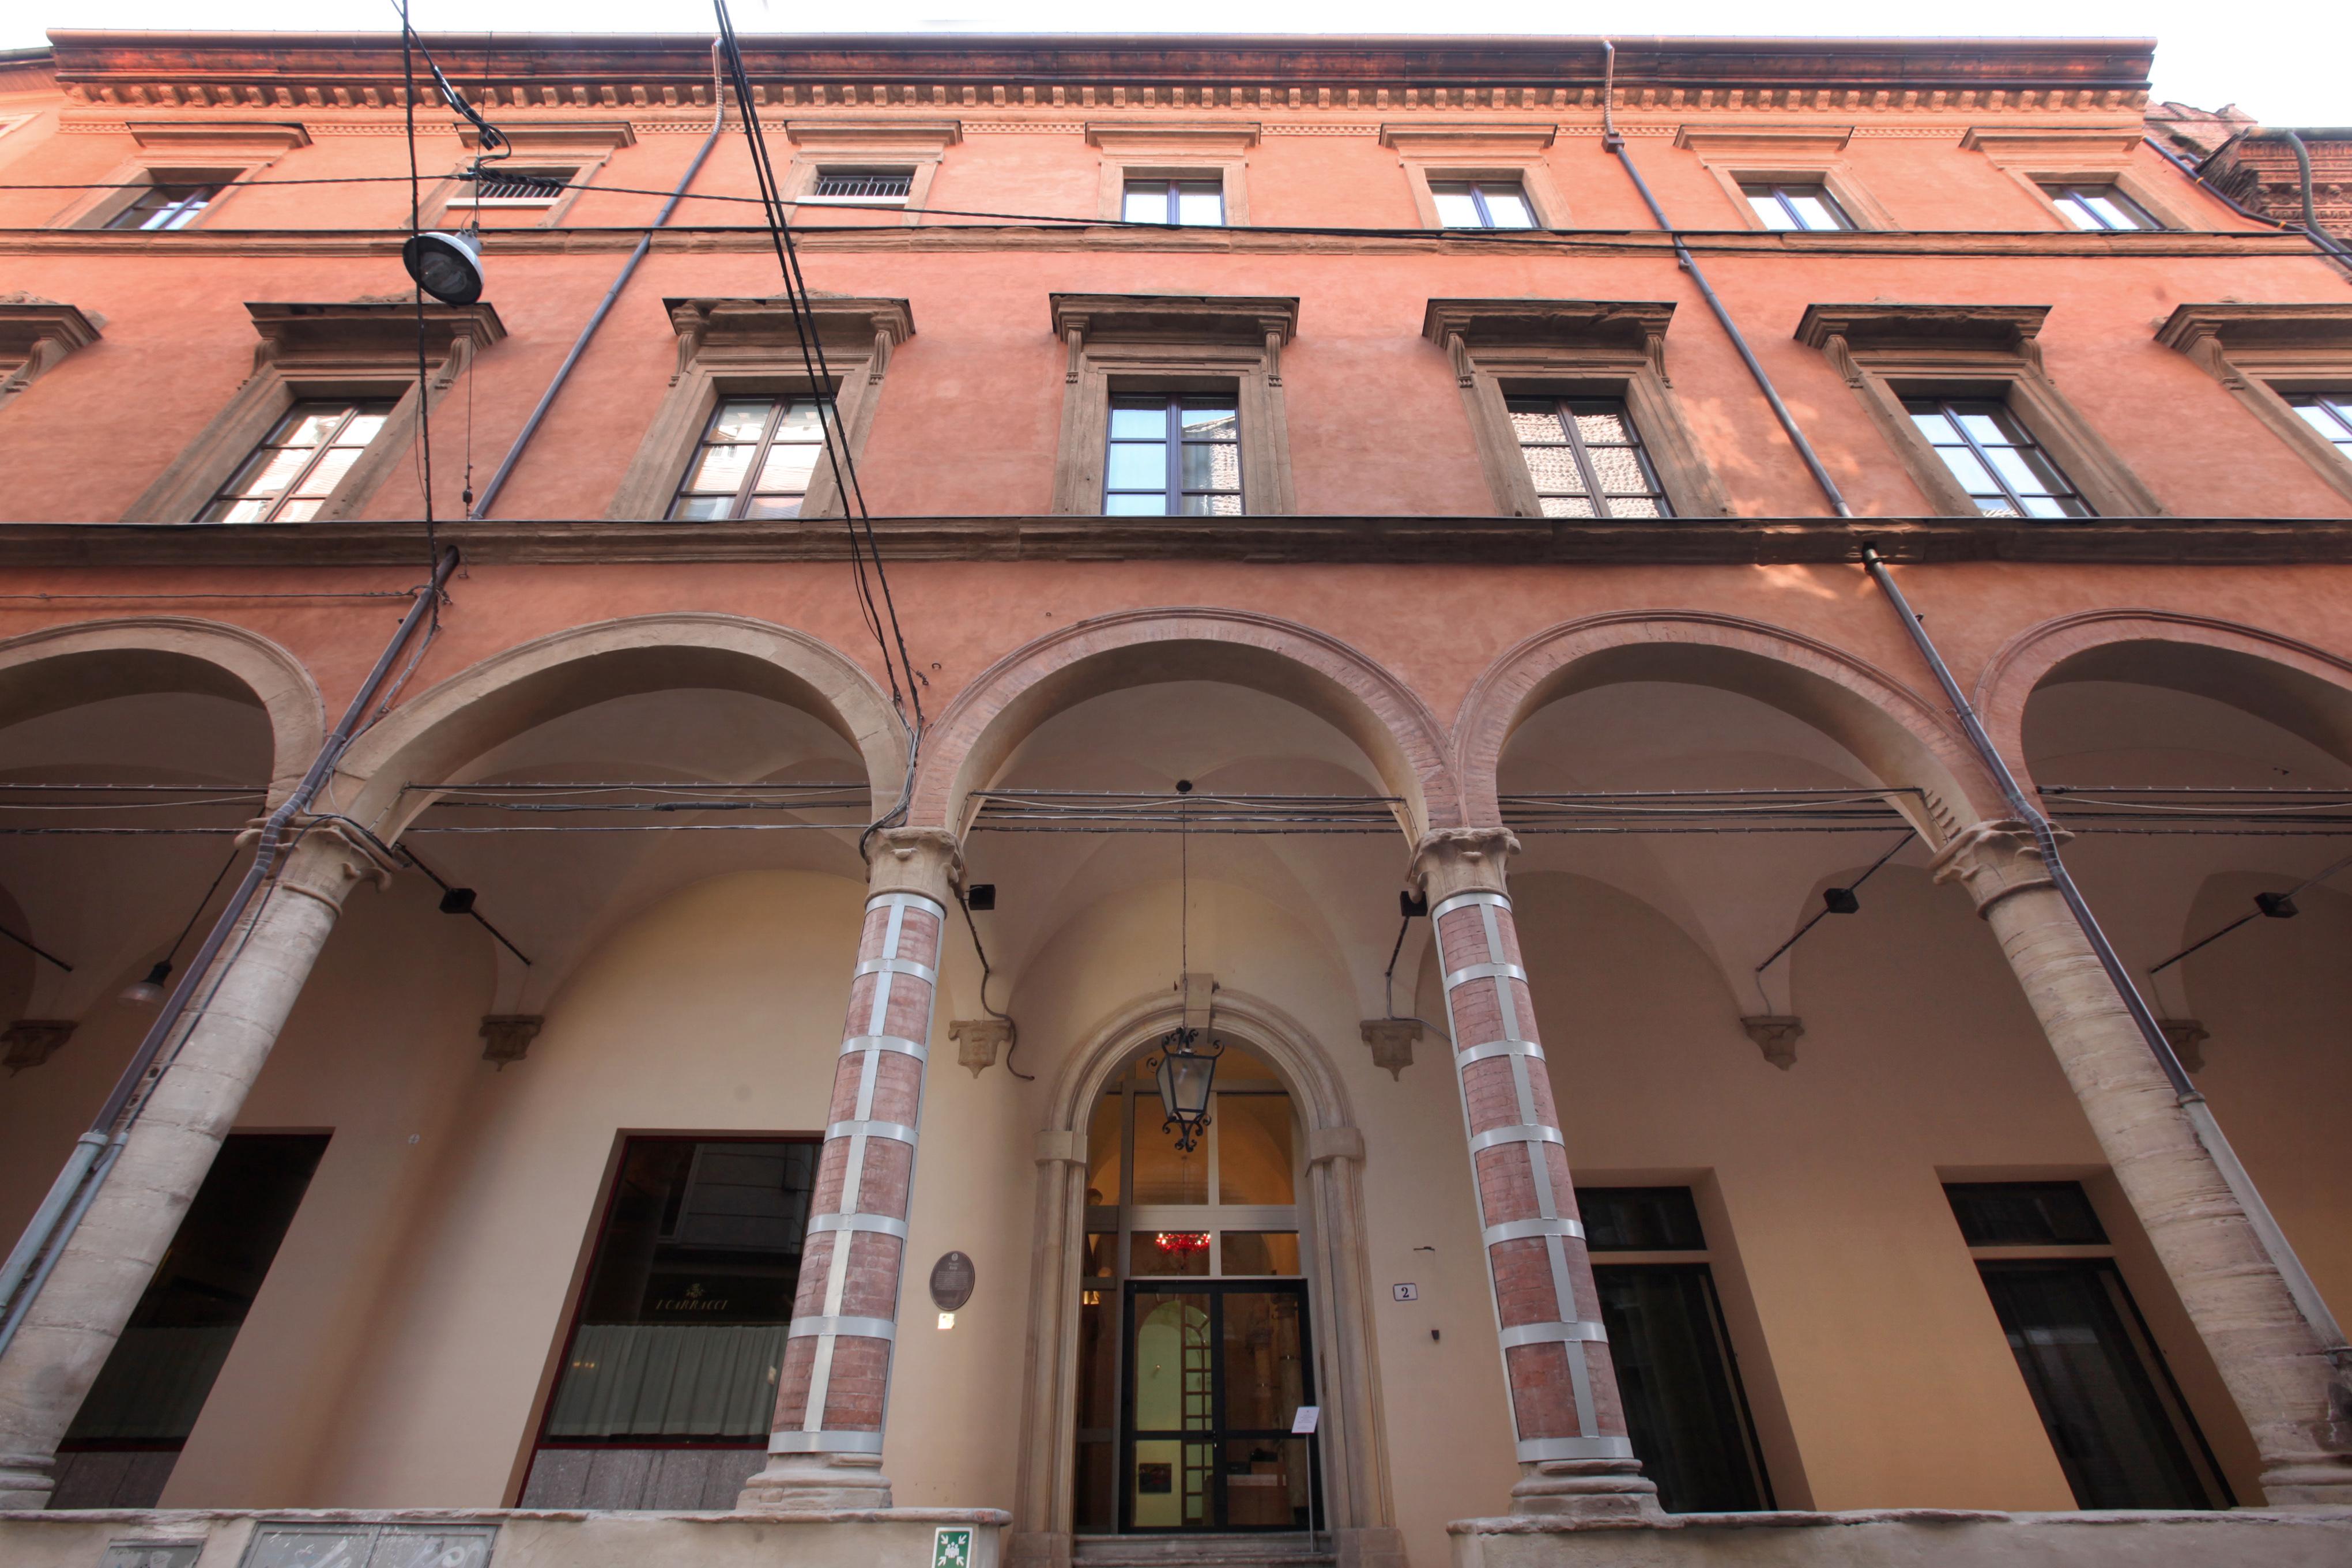 palazzo fava bologna eventi creativi italiani creatività arte street art creativity stories & news bologna arte di Zhang Dali arte